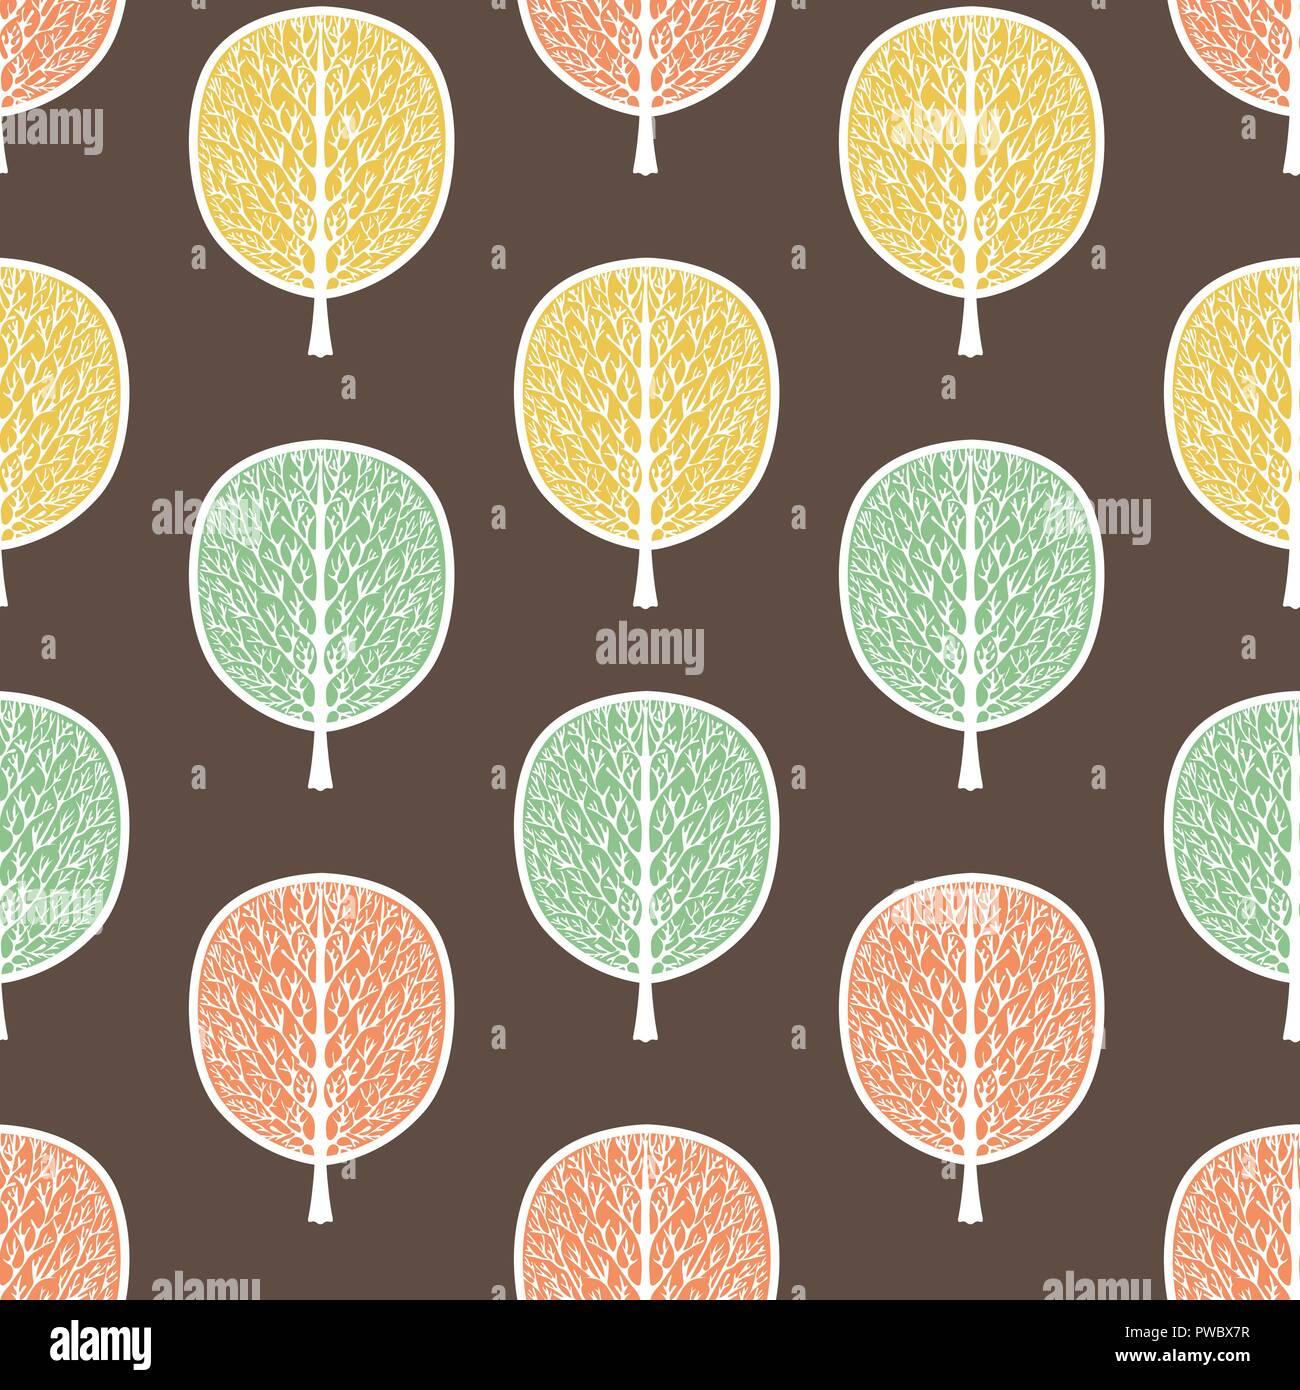 Alberi Astratti Seamless Pattern Illustrazione Vettoriale E